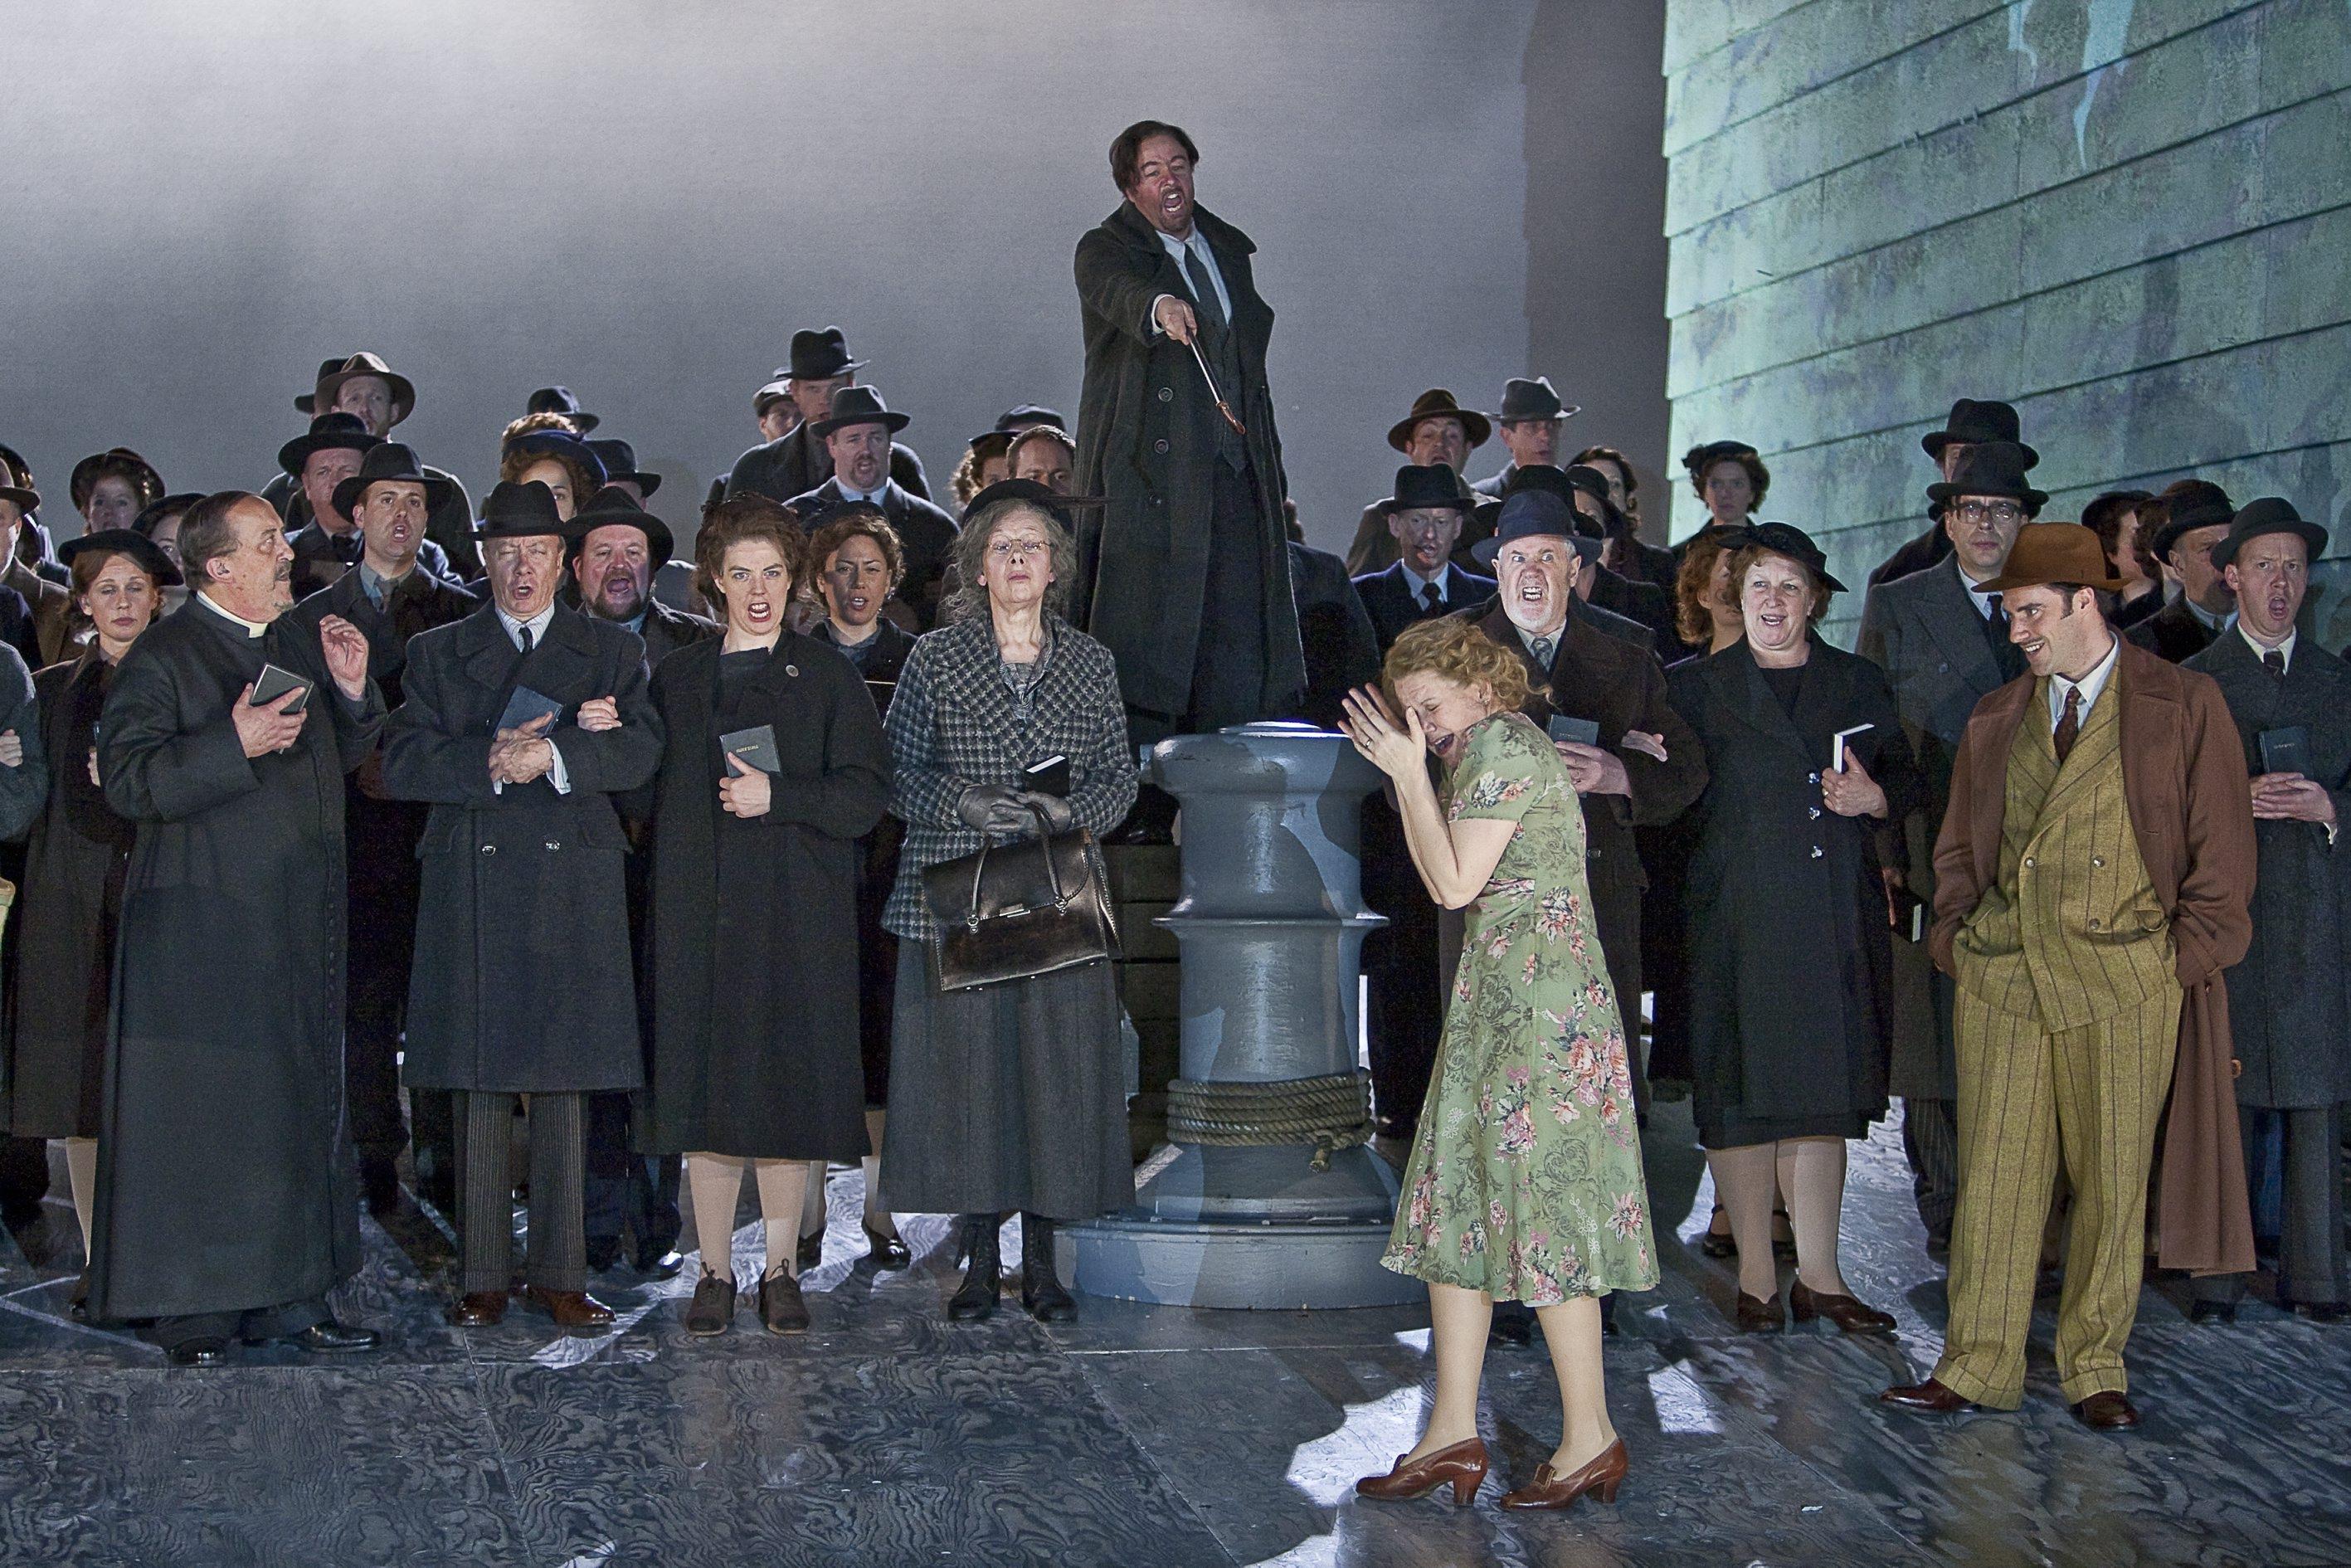 El 'Peter Grimes' producido por la Opera de Oviedo, finalista de los premios de la Royal Philharmonic Society de Londres